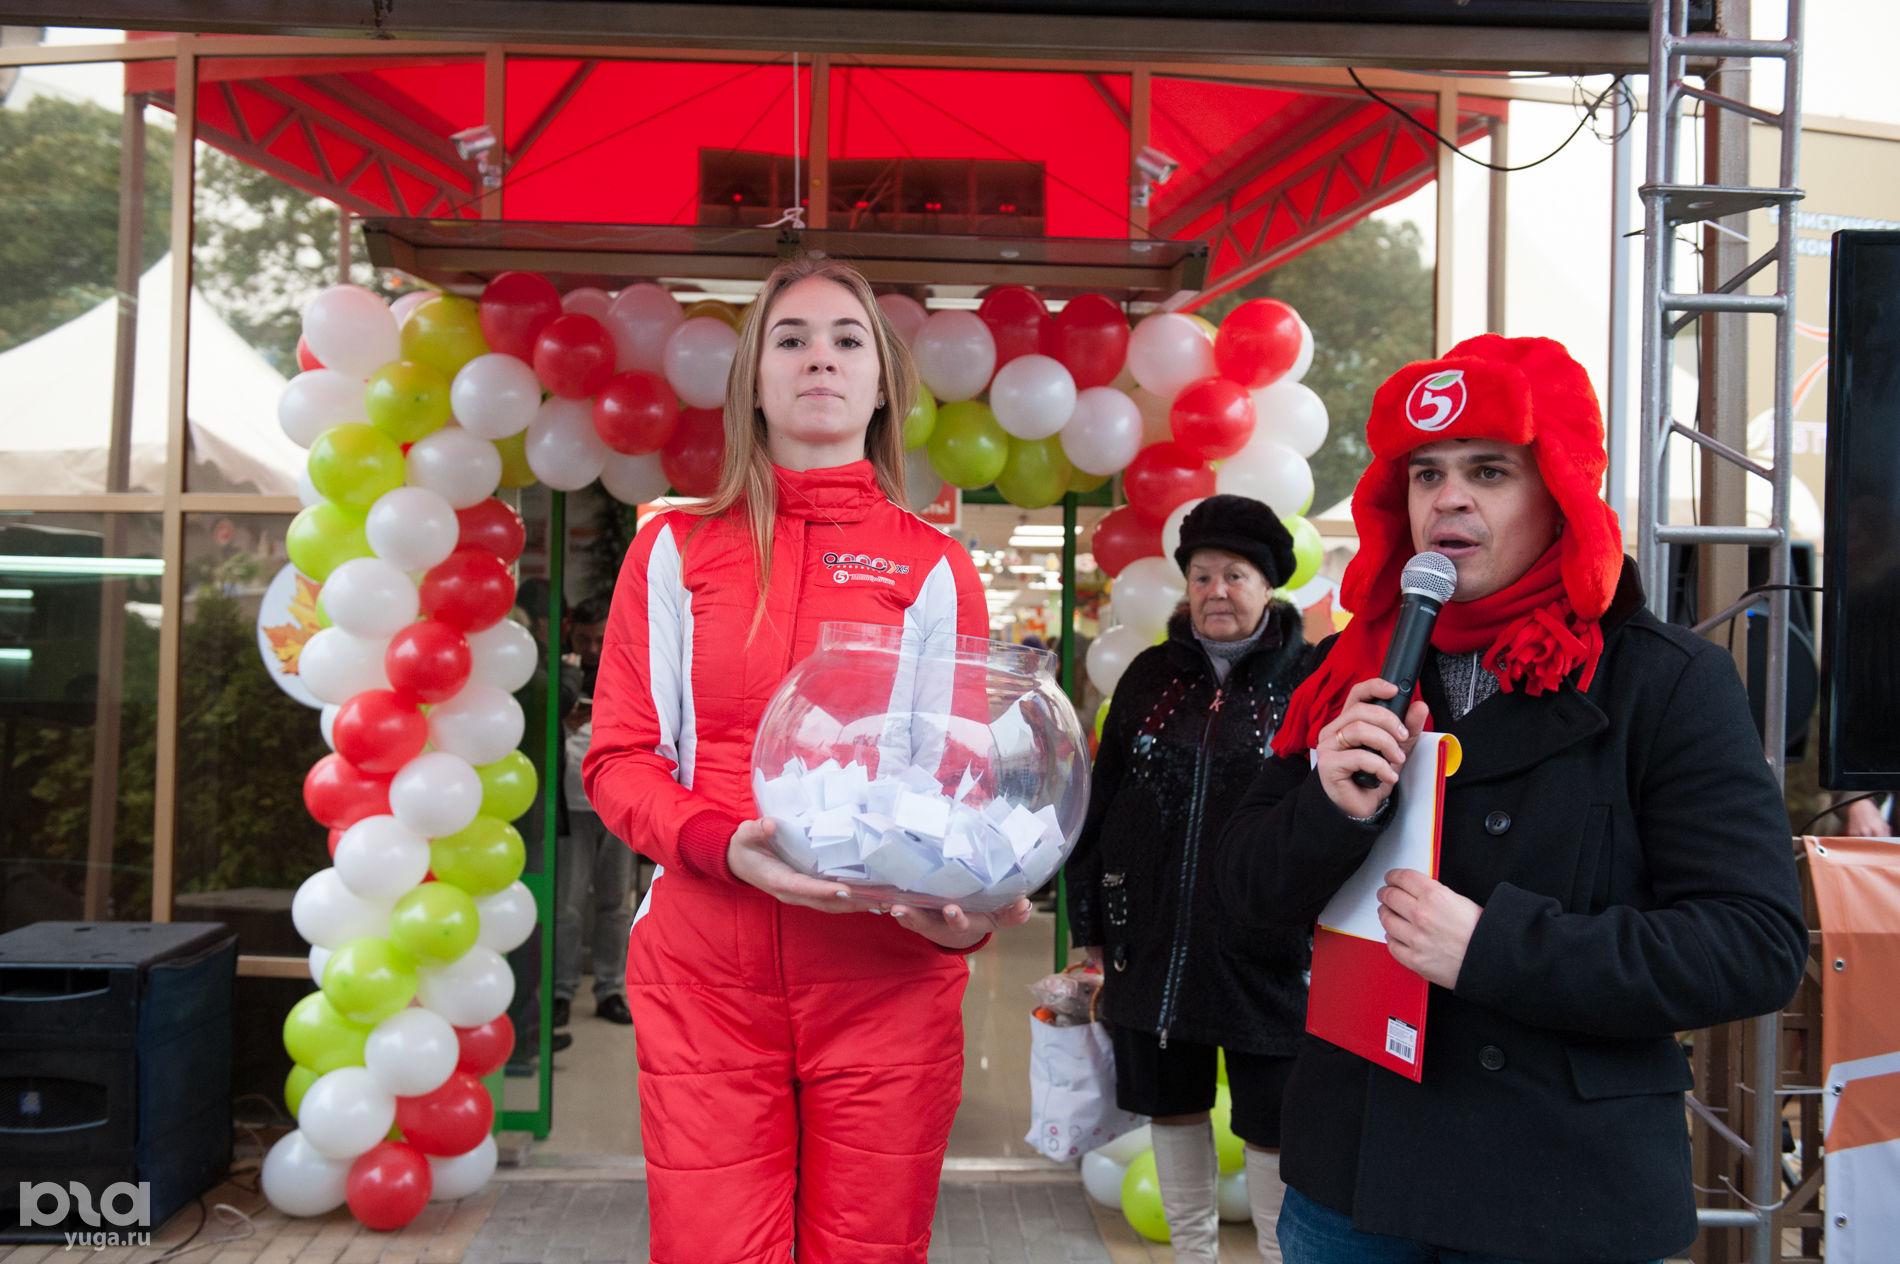 Открытие девятитысячного по счету магазина «Пятёрочка» в Сочи ©Никита Быков, yuga.ru